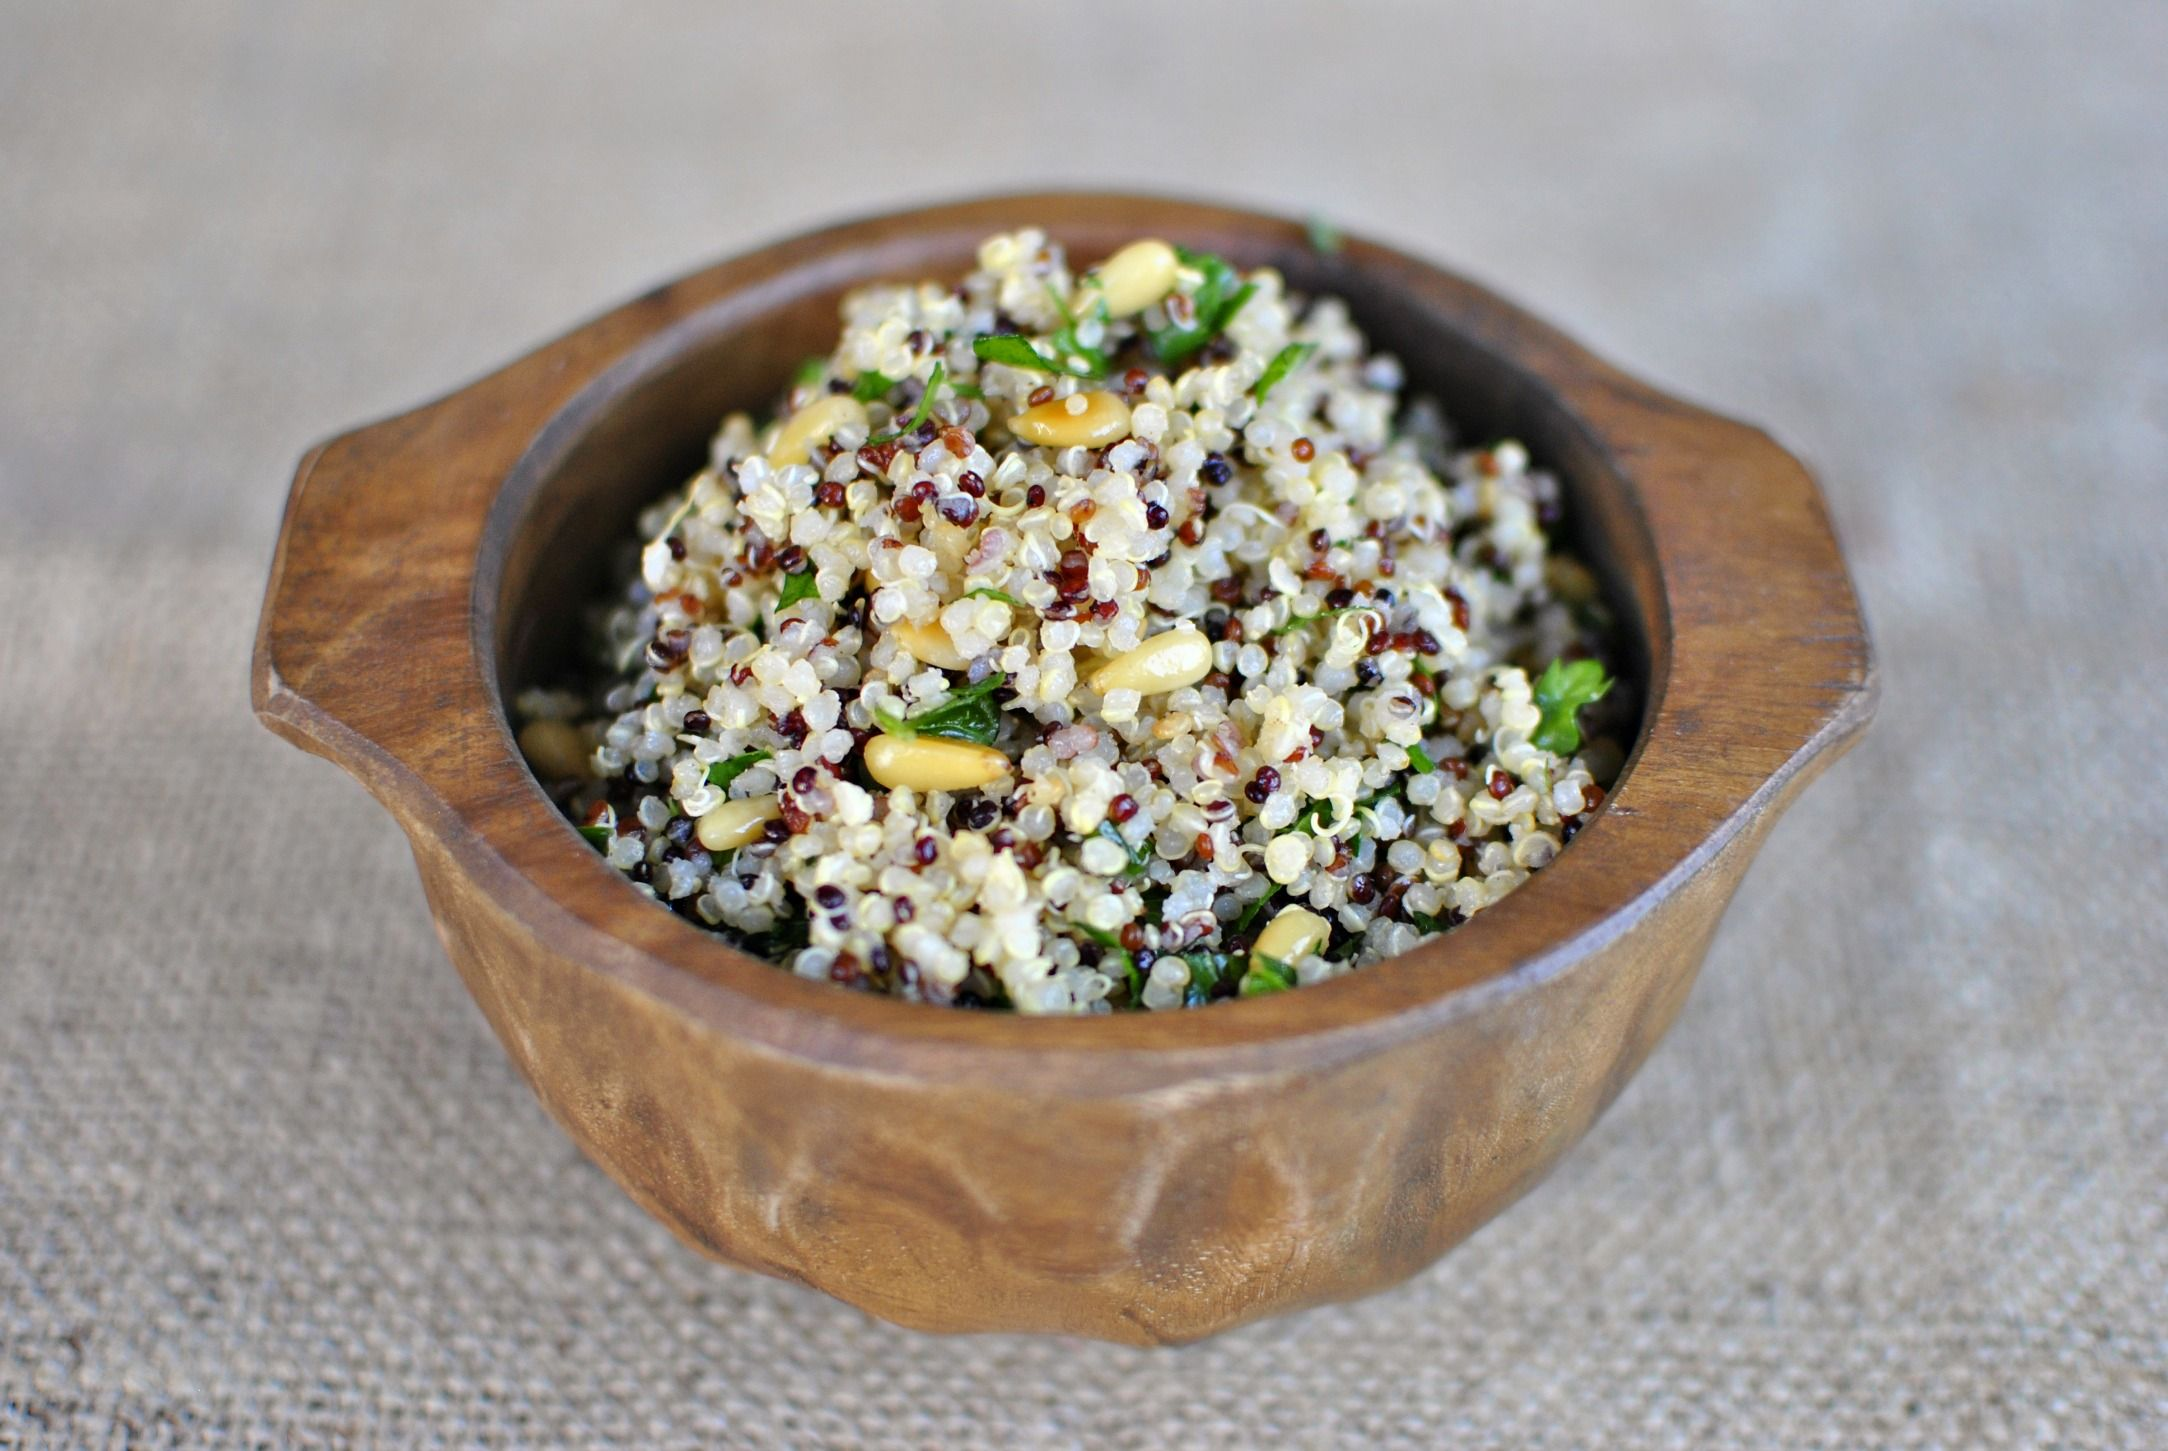 La ricetta dell'insalata di quinoa con noci e menta fresca